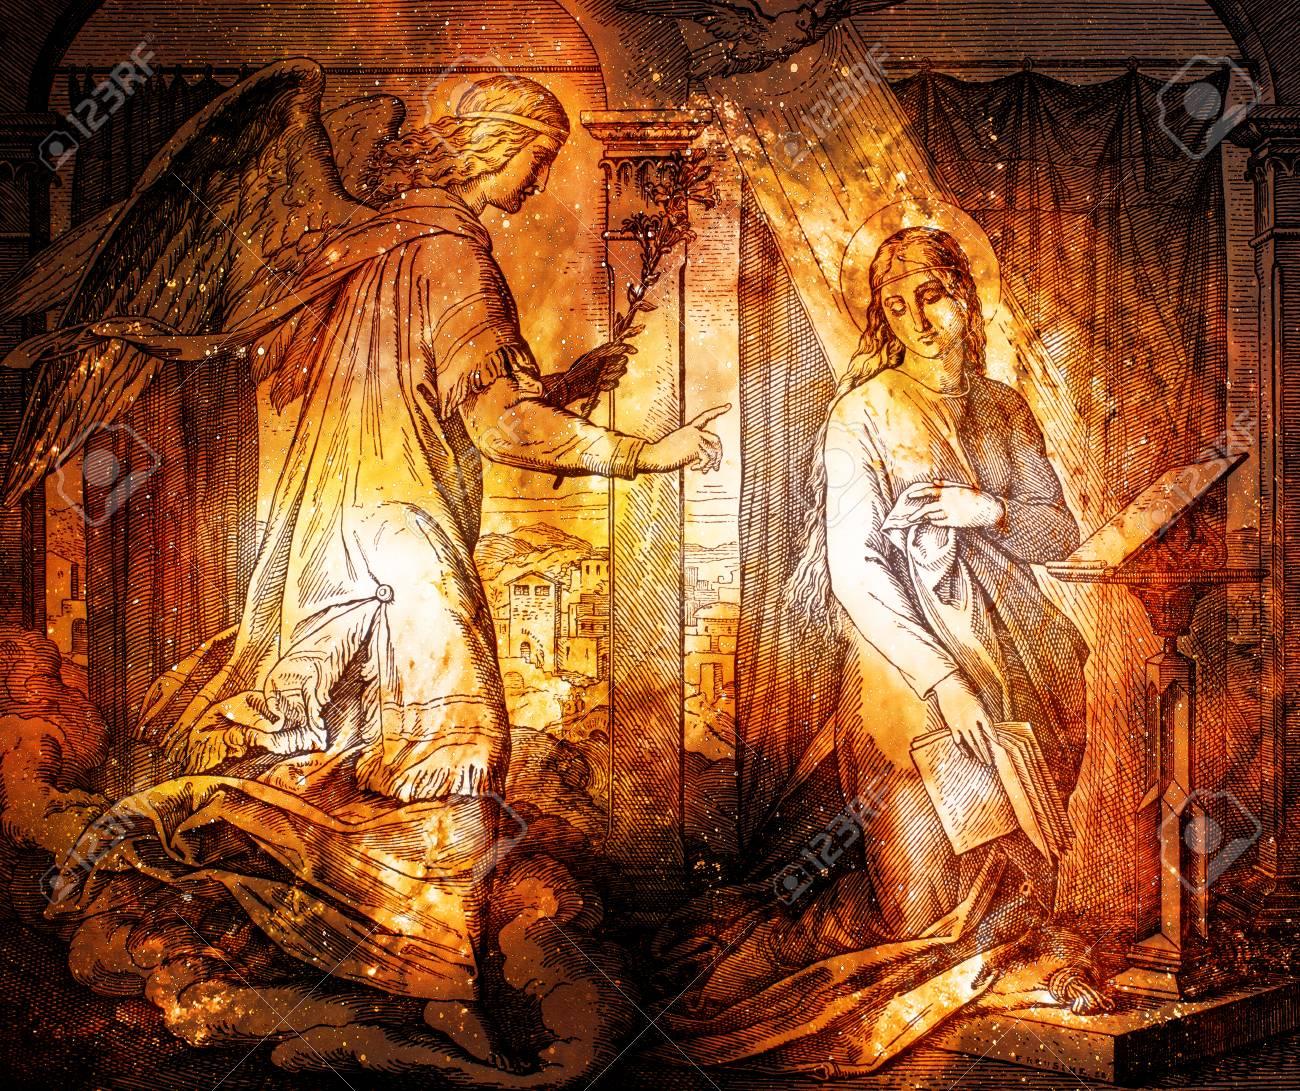 1937 聖書 st vojtech 発行 trnava スロバキア jesus birth 大天使